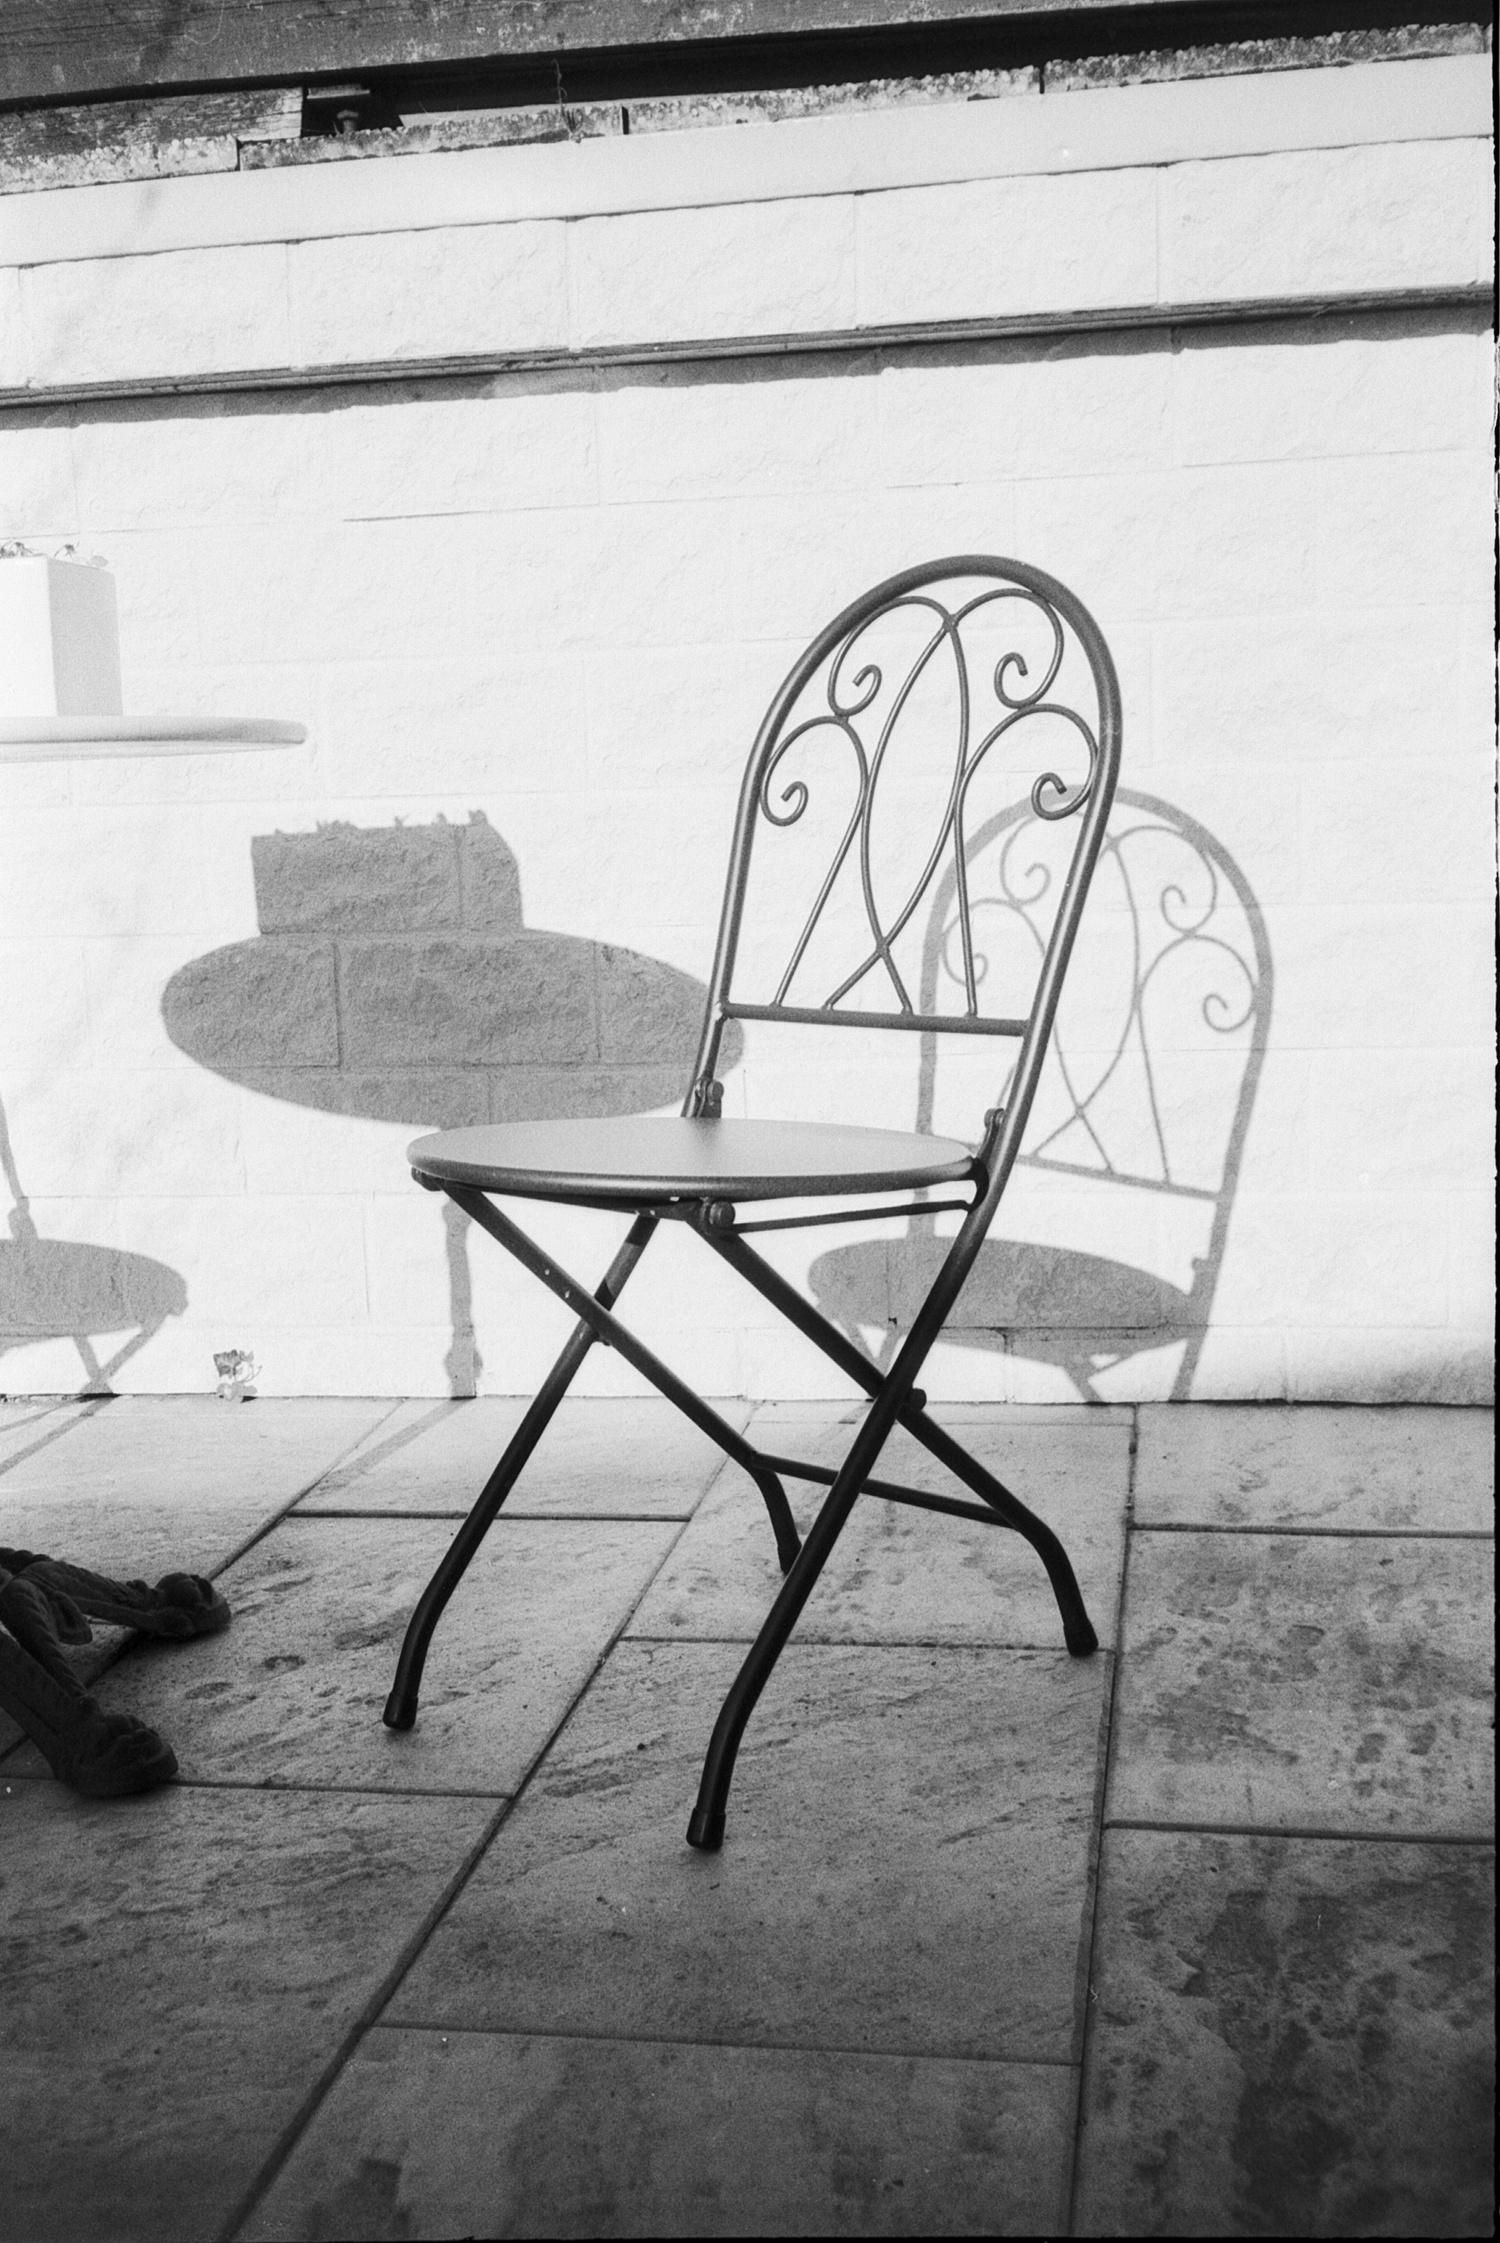 #110 Finally a chair, Graz